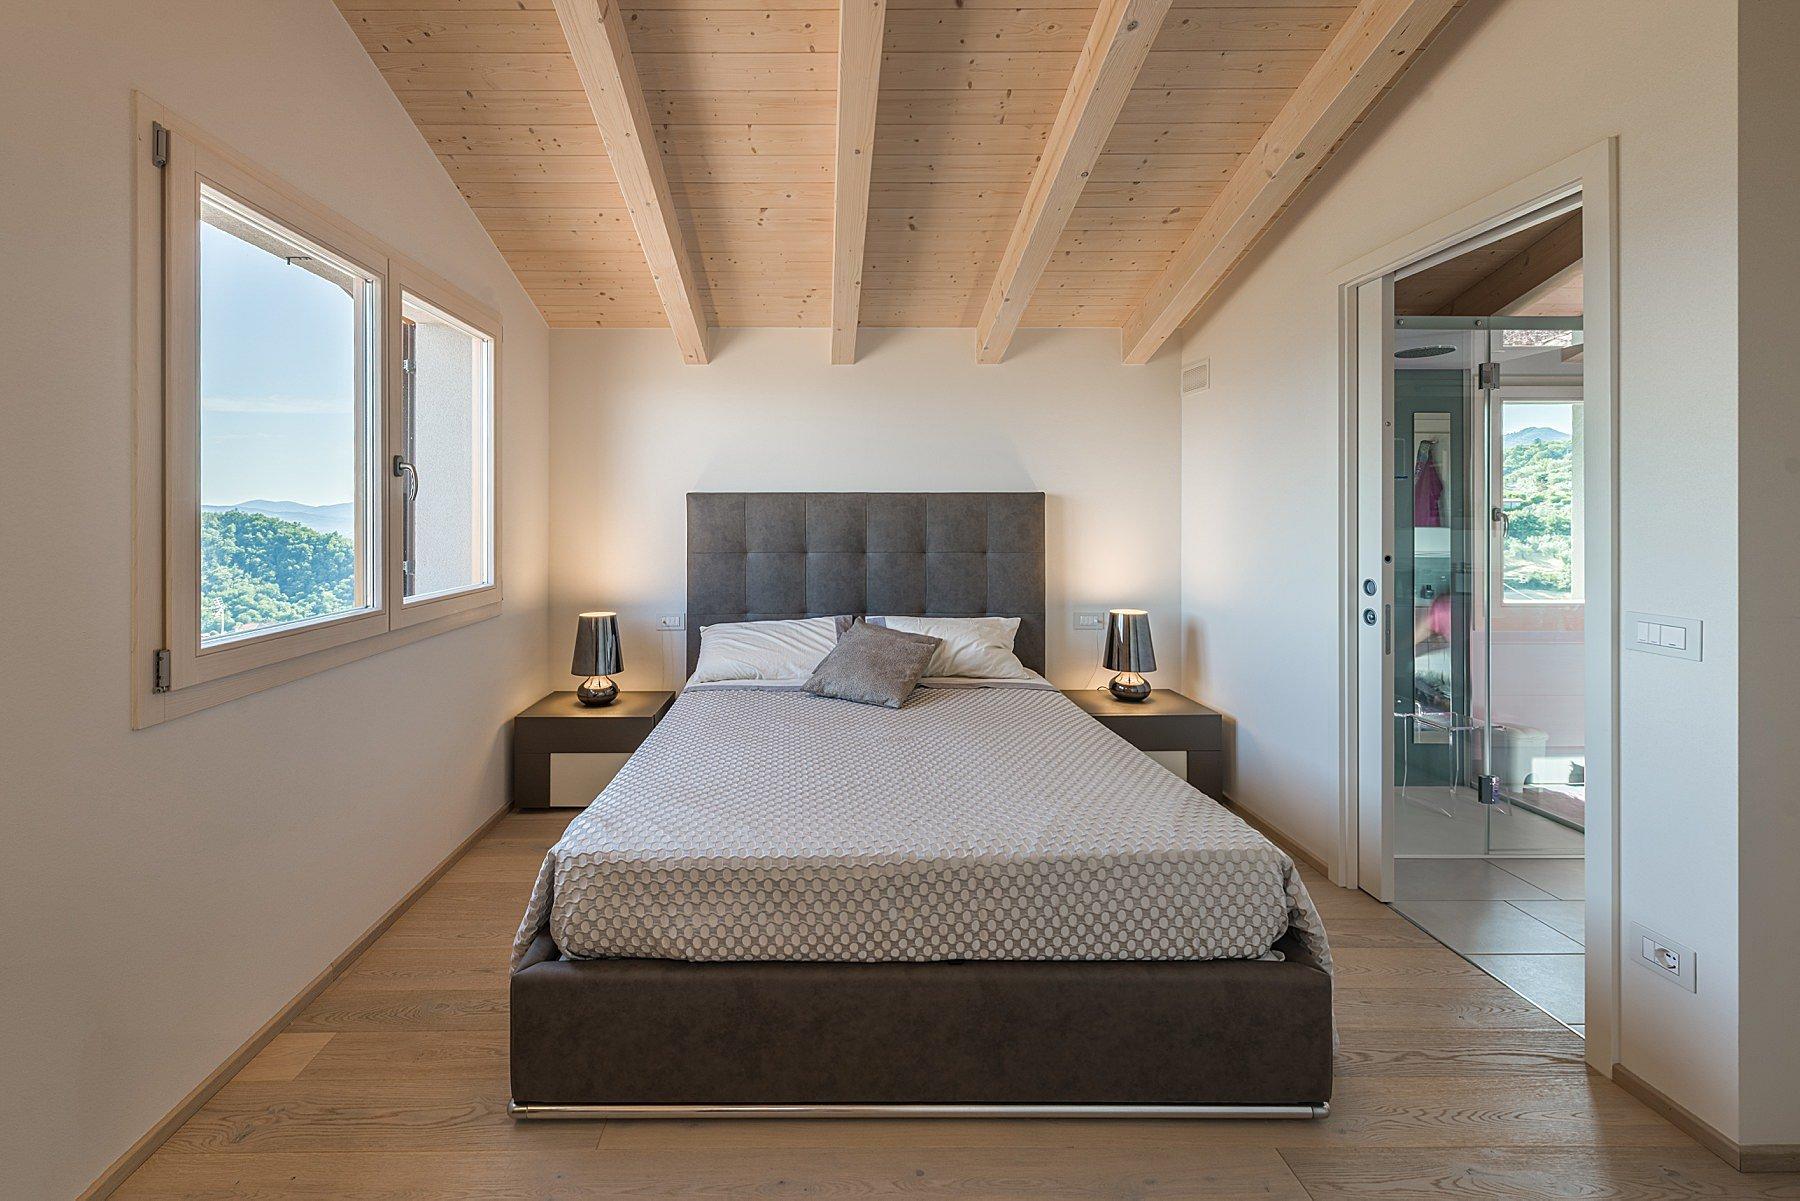 fotografia di interni camera da letto bifamiliare in toscana